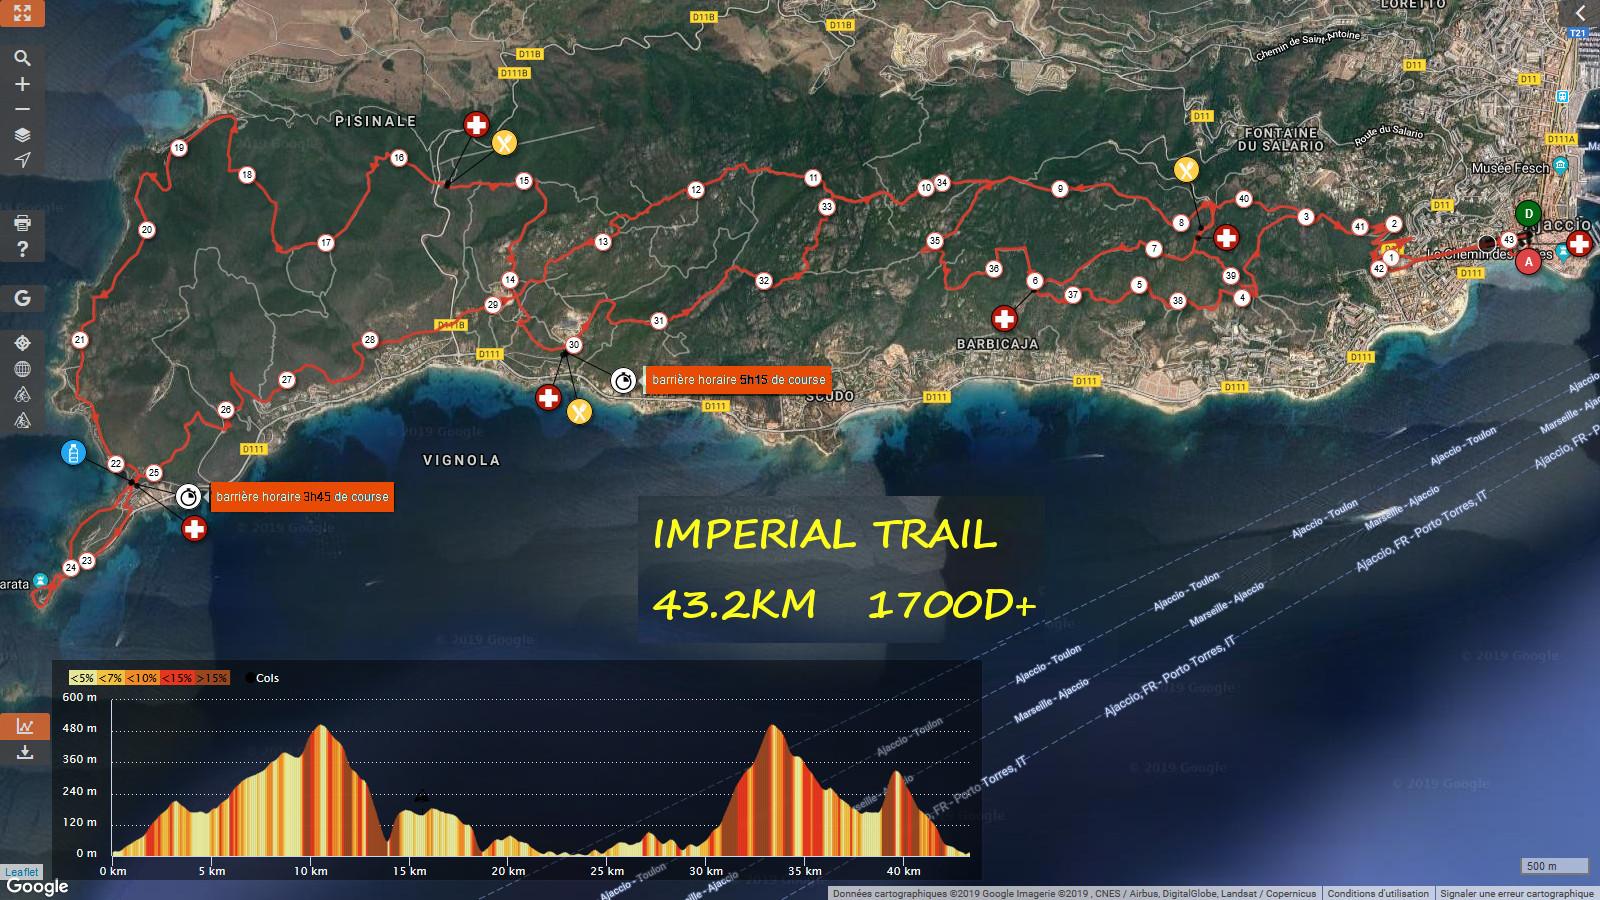 Parcours Trail Imperial (43 km) Détaillé (Maj 12/09/2017)